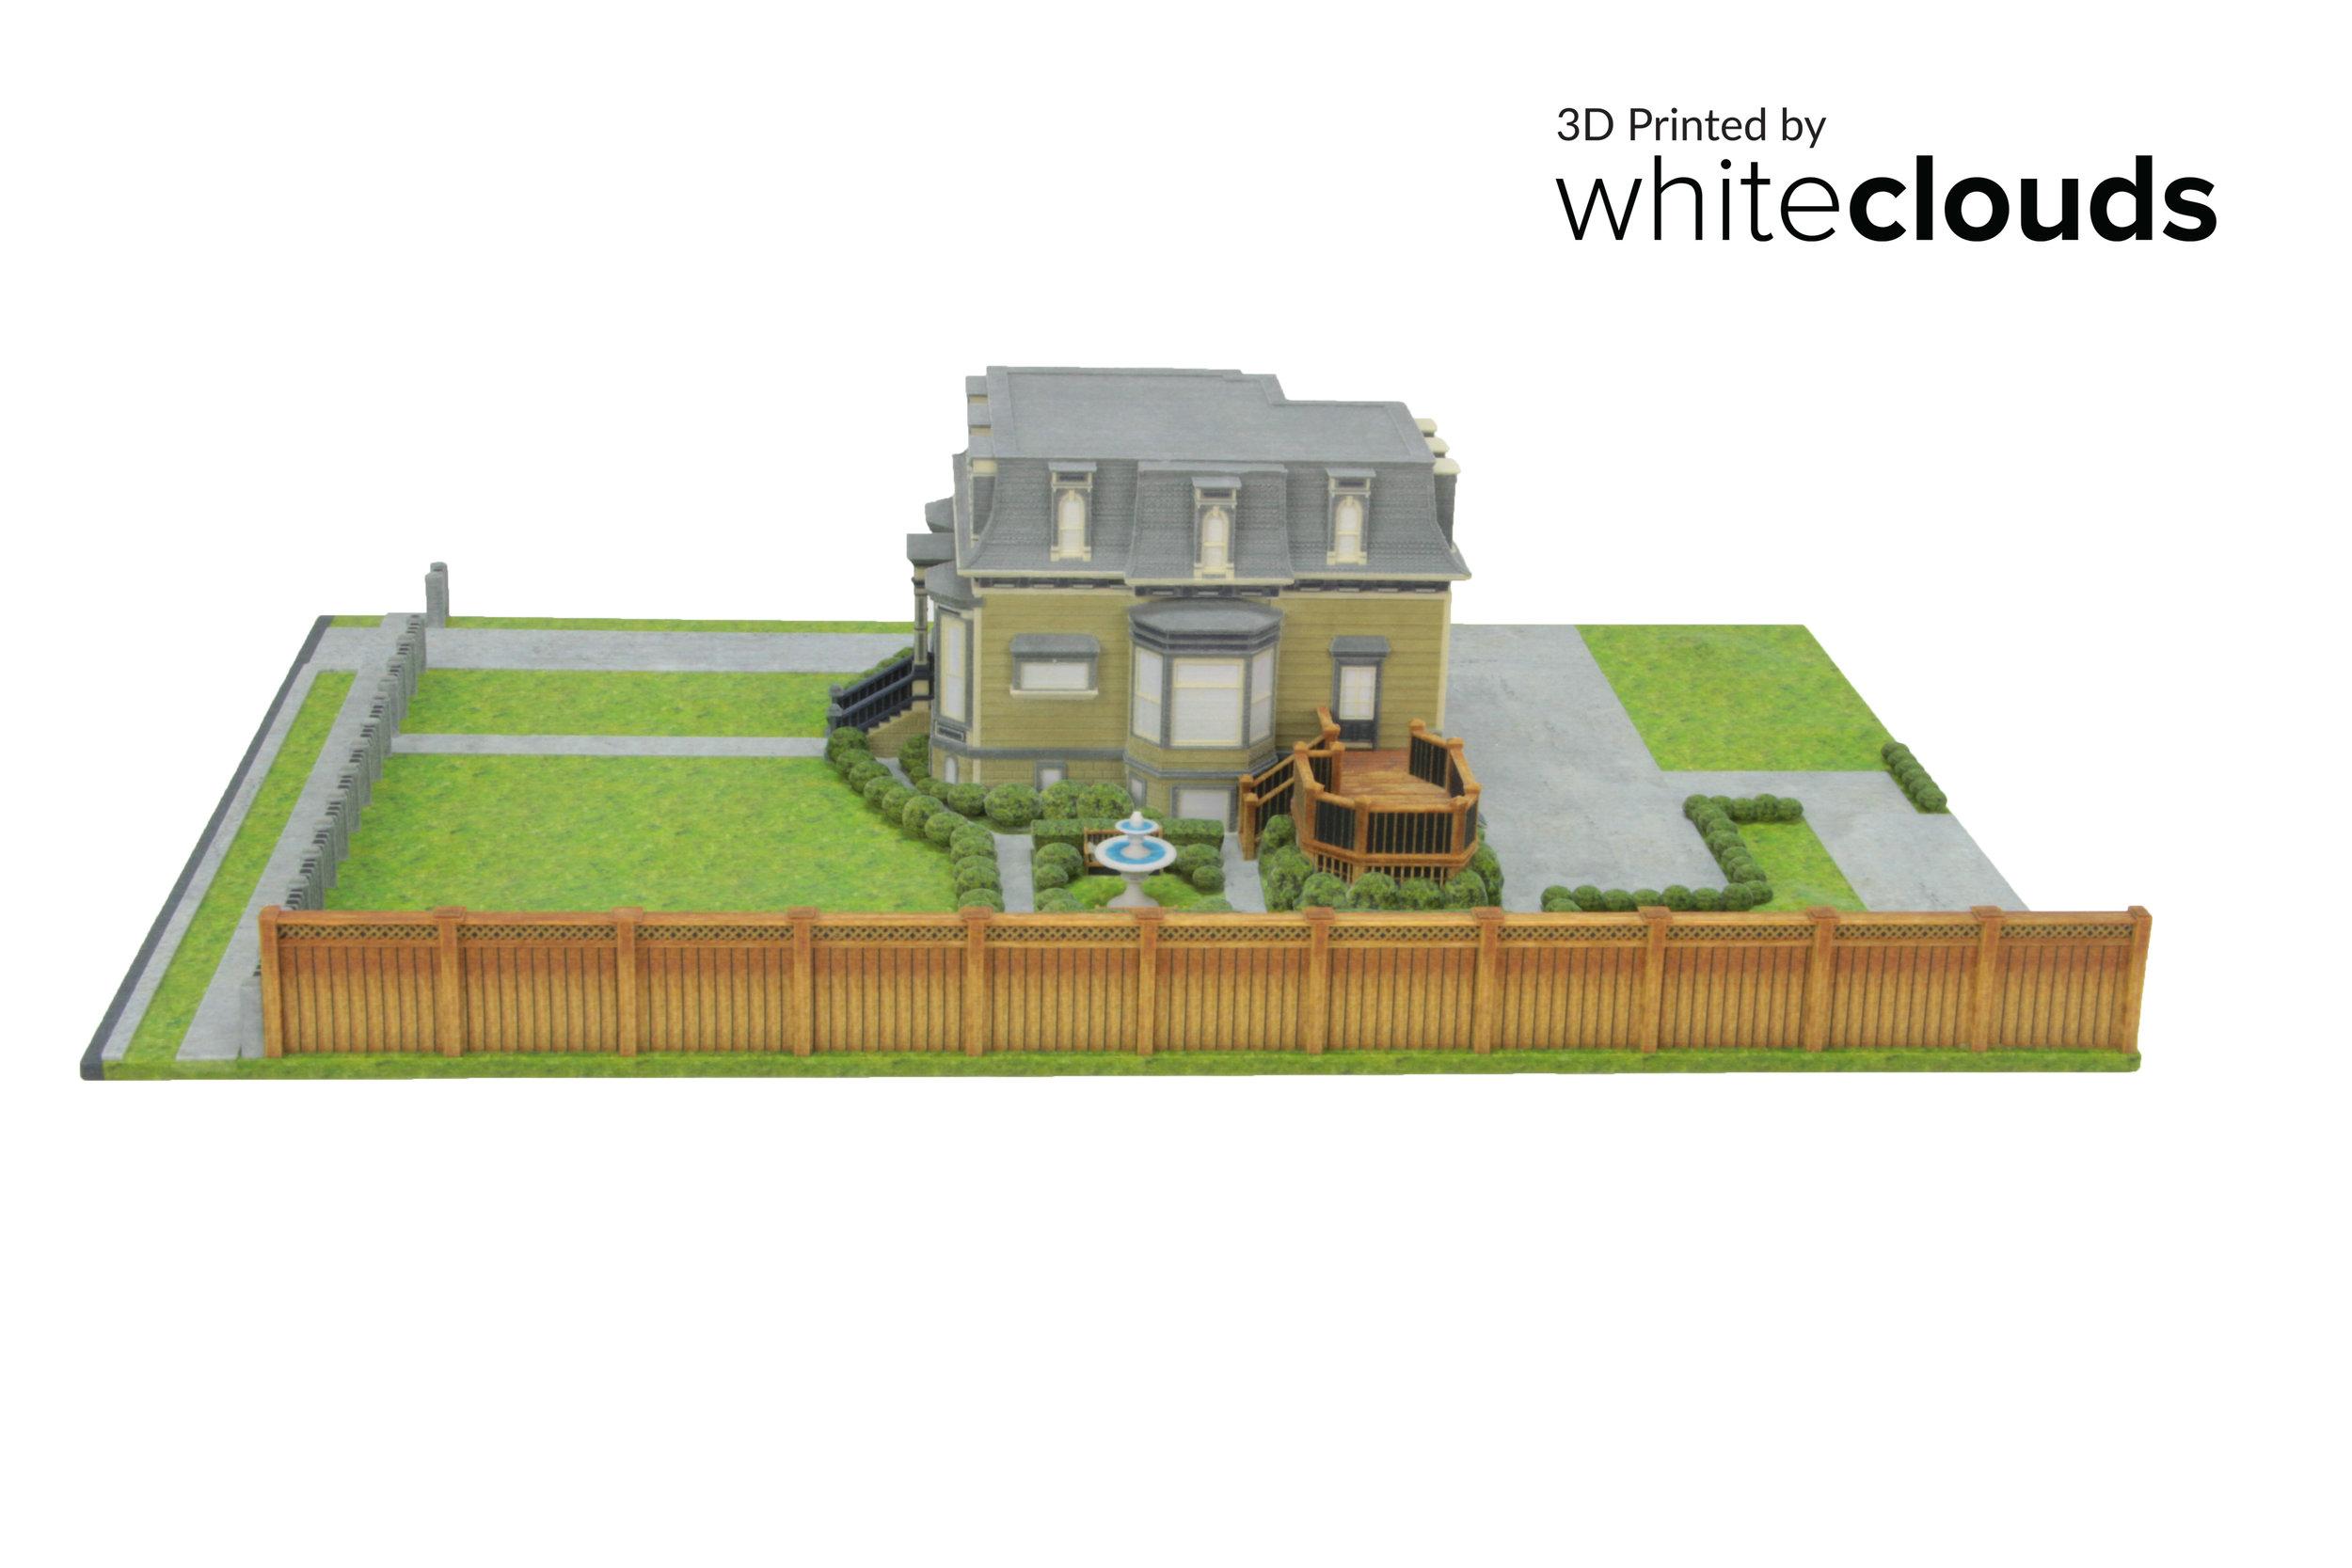 3D-Printed-WhiteClouds-Building-Vienaterrie-Builders-3.JPG